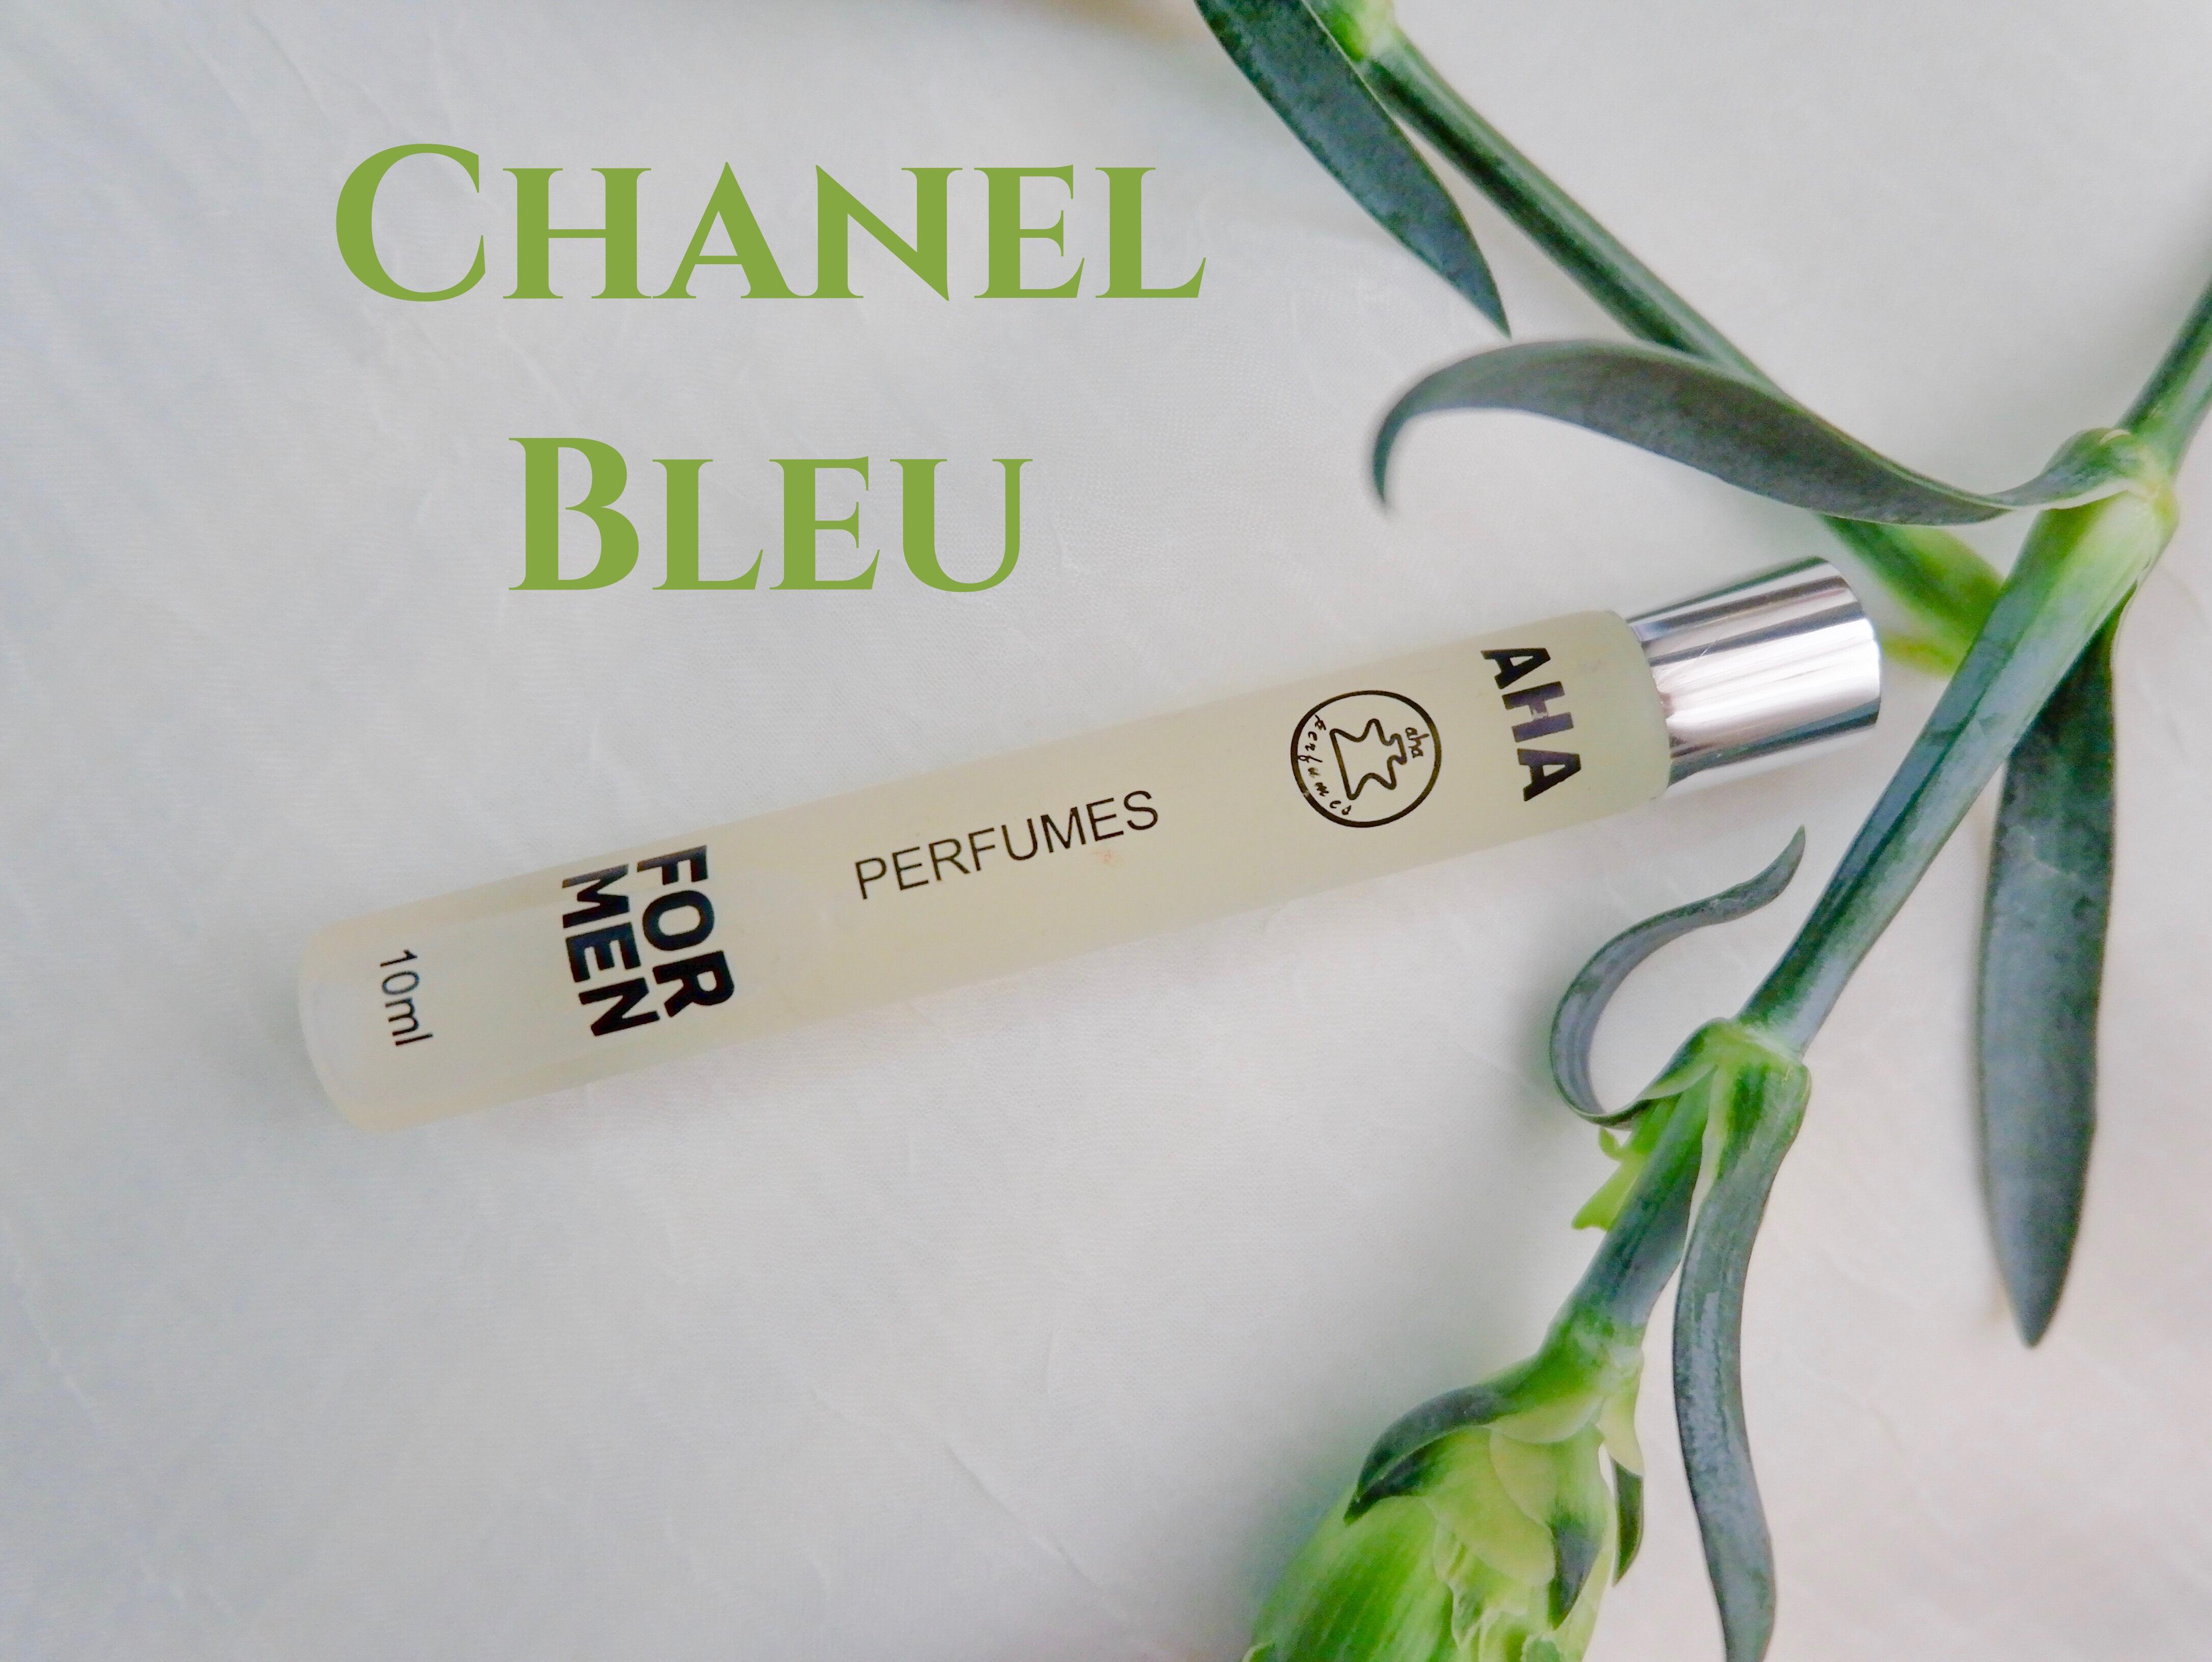 Tinh dầu nước hoa nam AHAPERFUMES AHA999 Bleu 10ml lưu hương 24 giờ